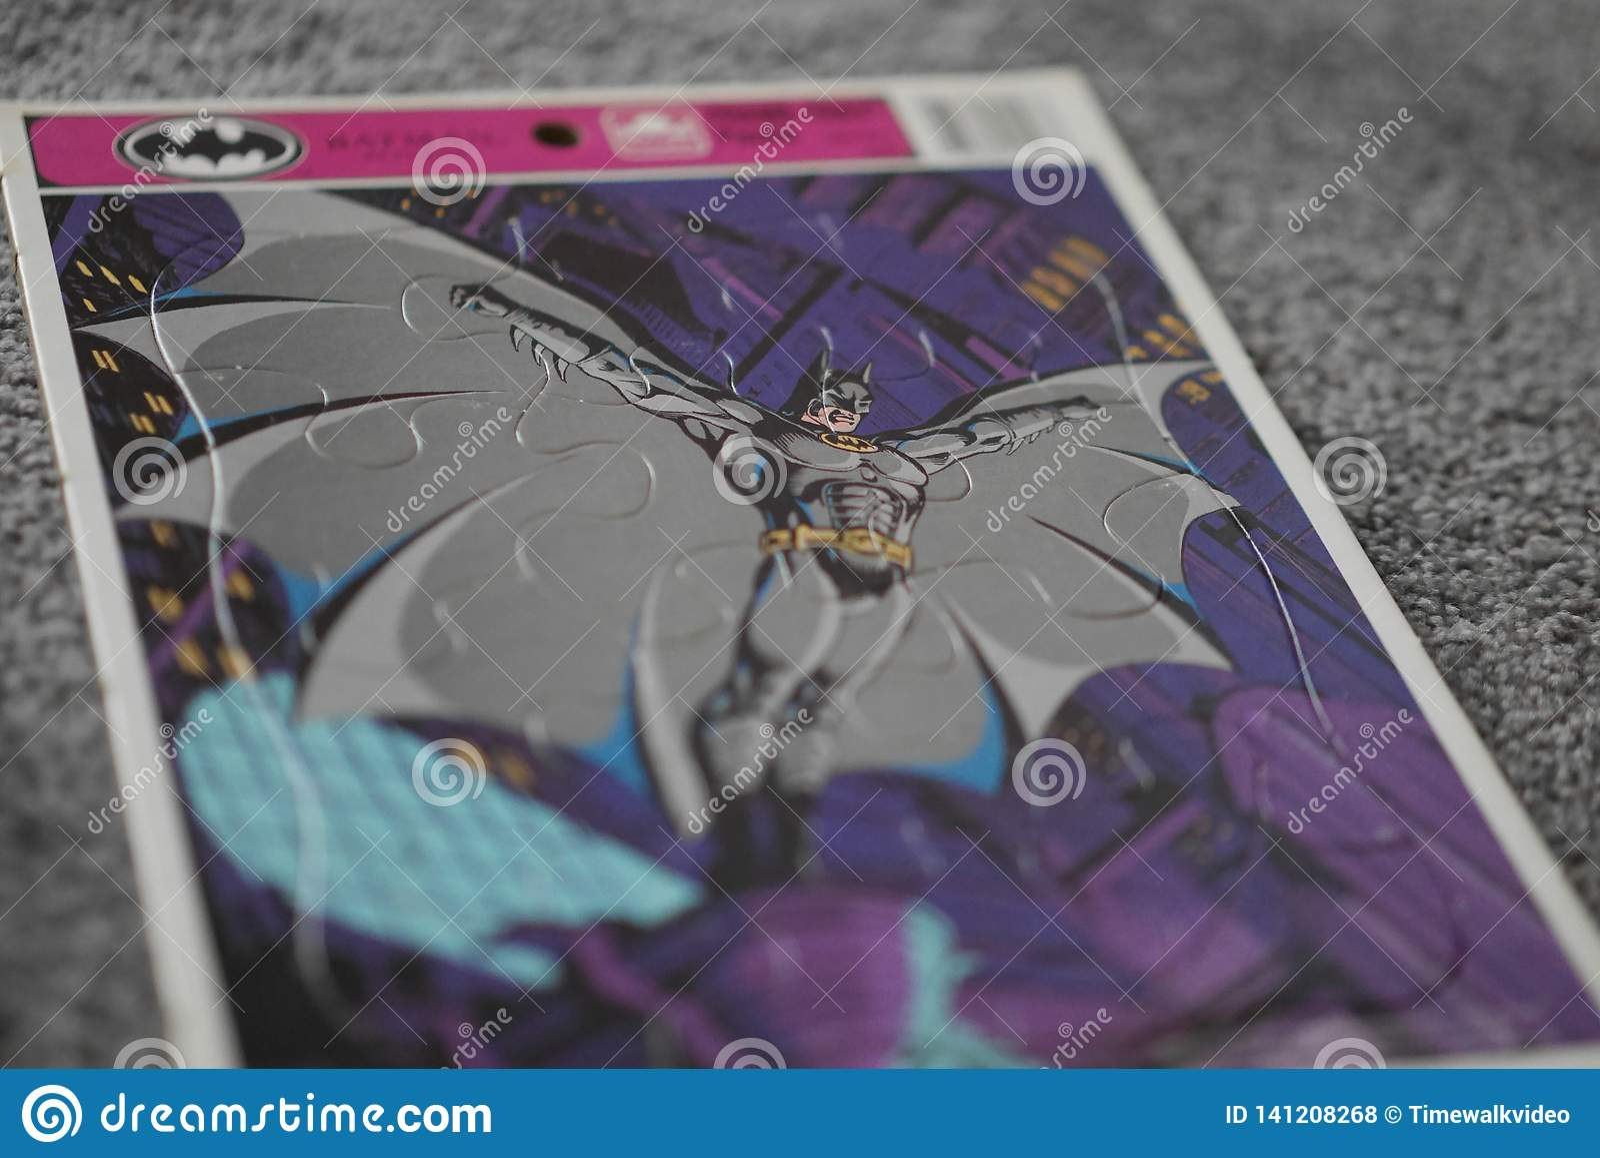 Rompecabezas de Batman del vintage del niño